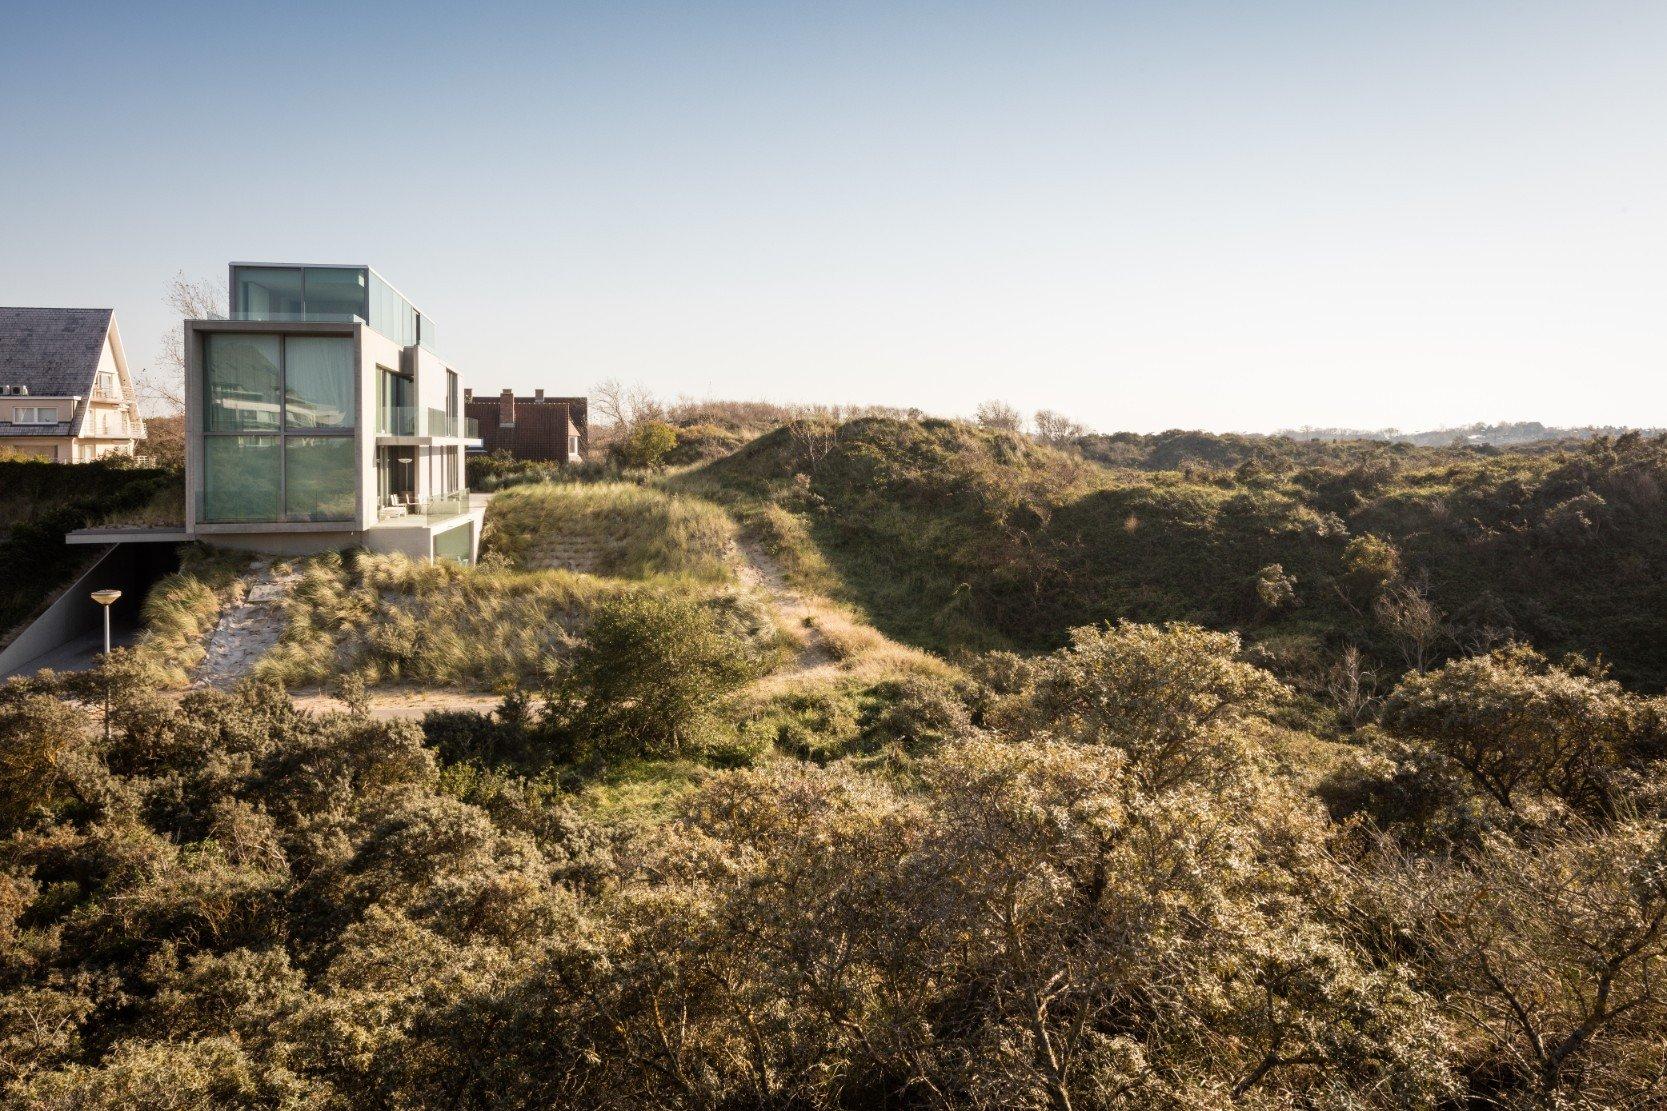 Rietveldprojects-saarinen-appartement-design-architectuur-kust-tvdv8